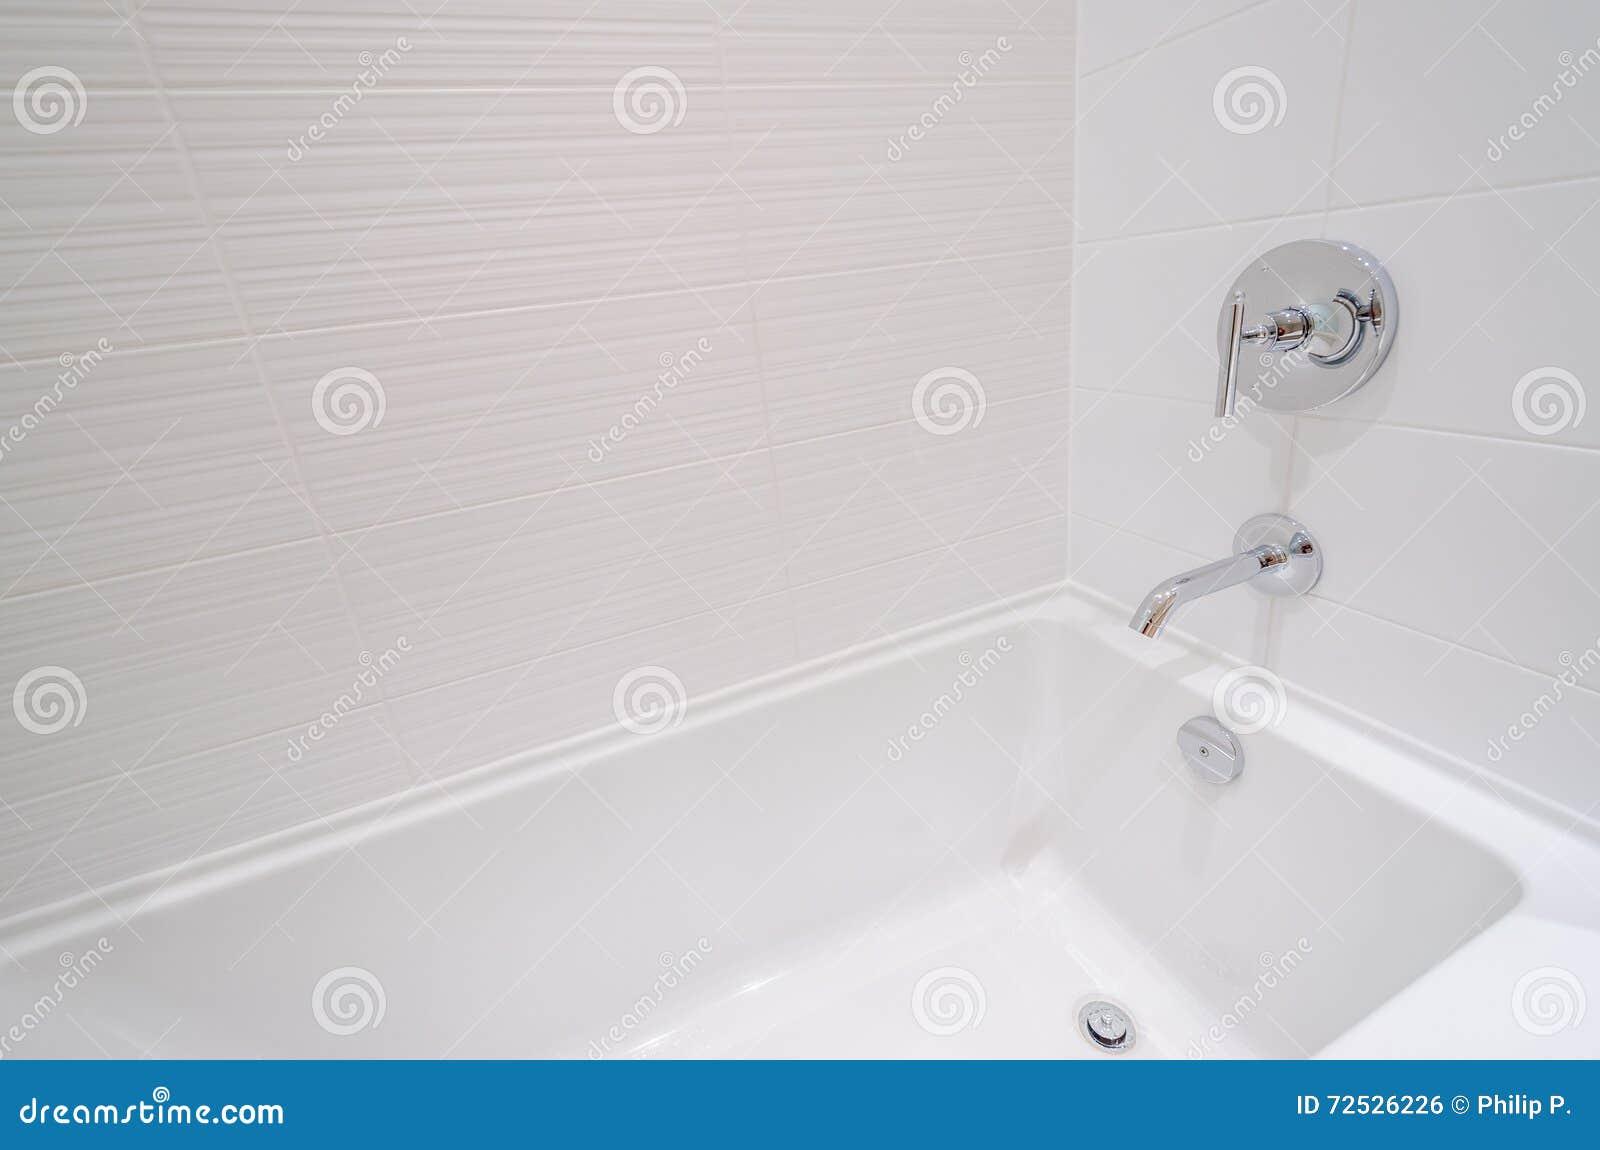 Vasca Da Bagno Disegno : Disegno di vasca da bagno vasca di bagno indipendente della vasca